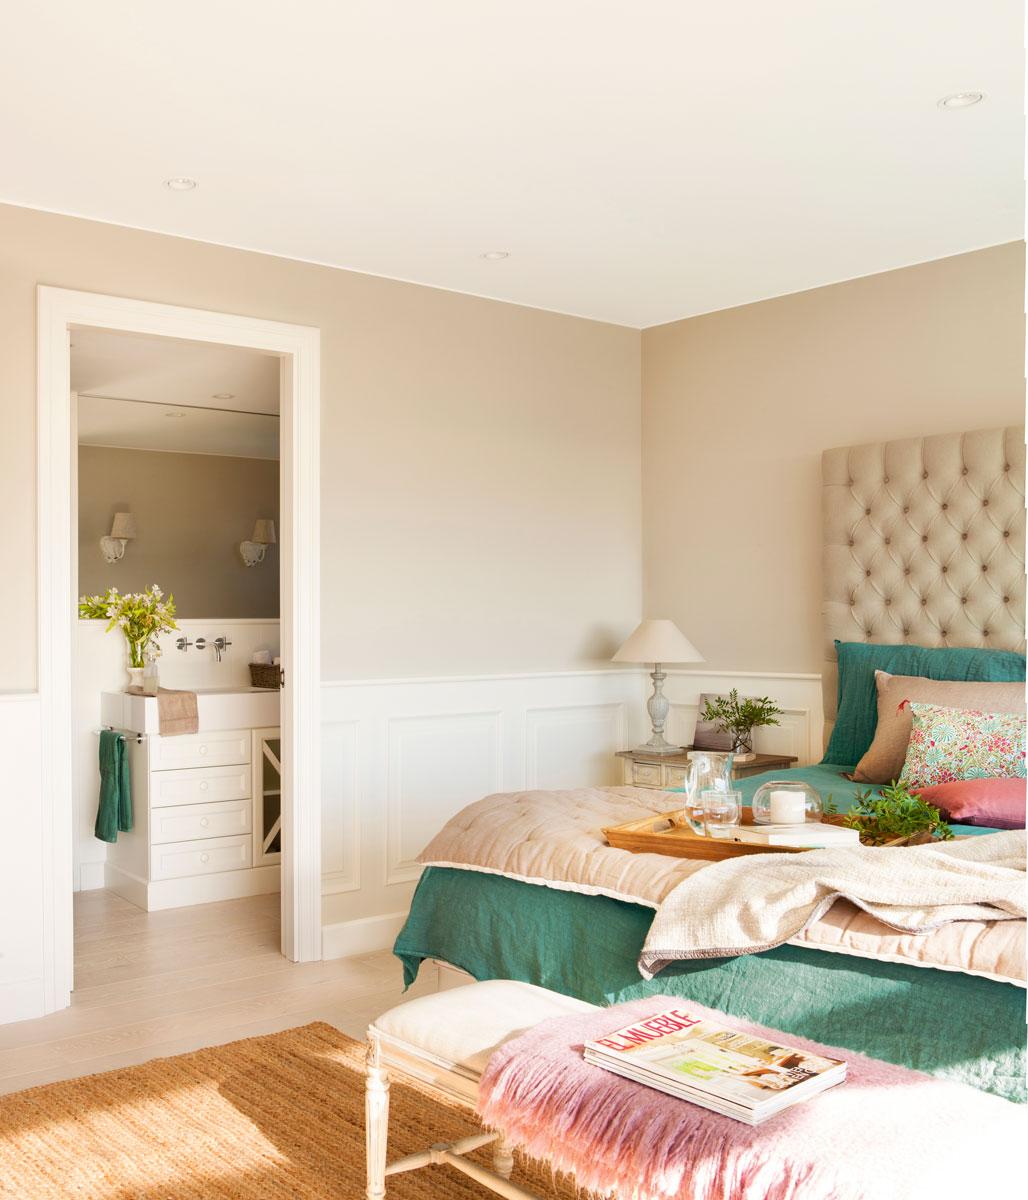 3060 Fotos de Dormitorios